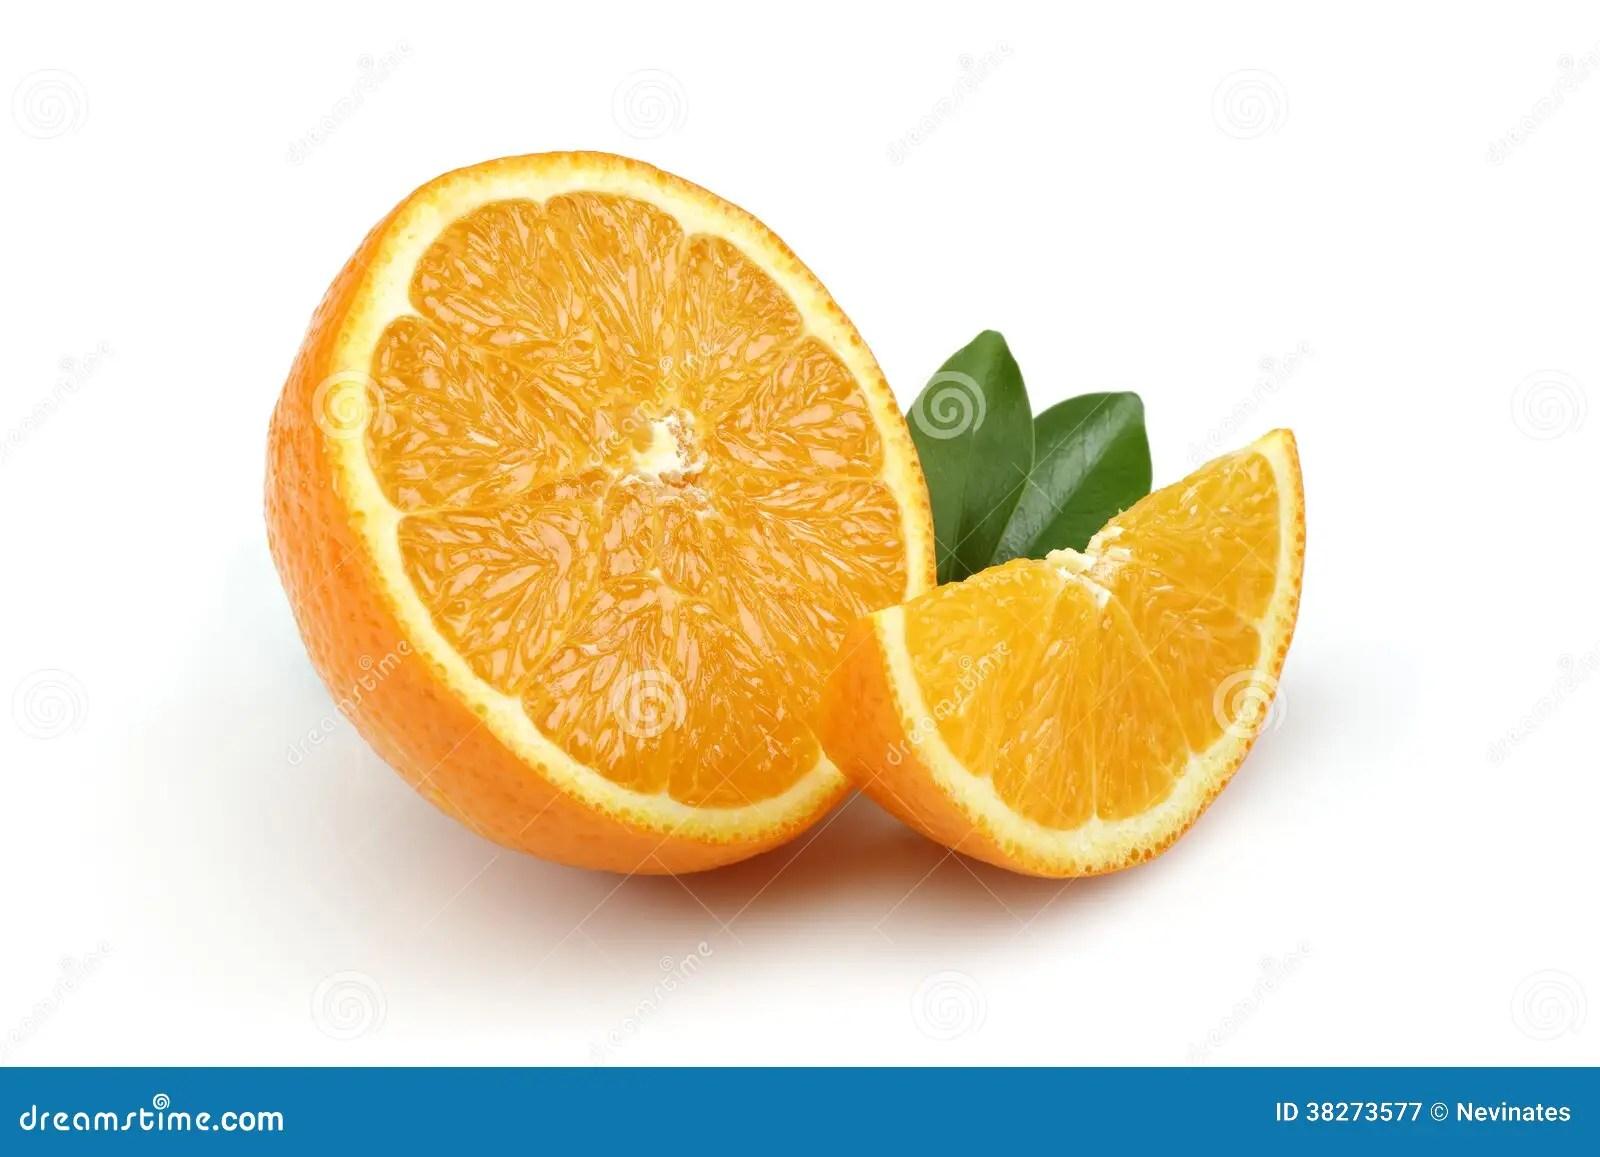 Half Orange And Orange Slice Stock Image